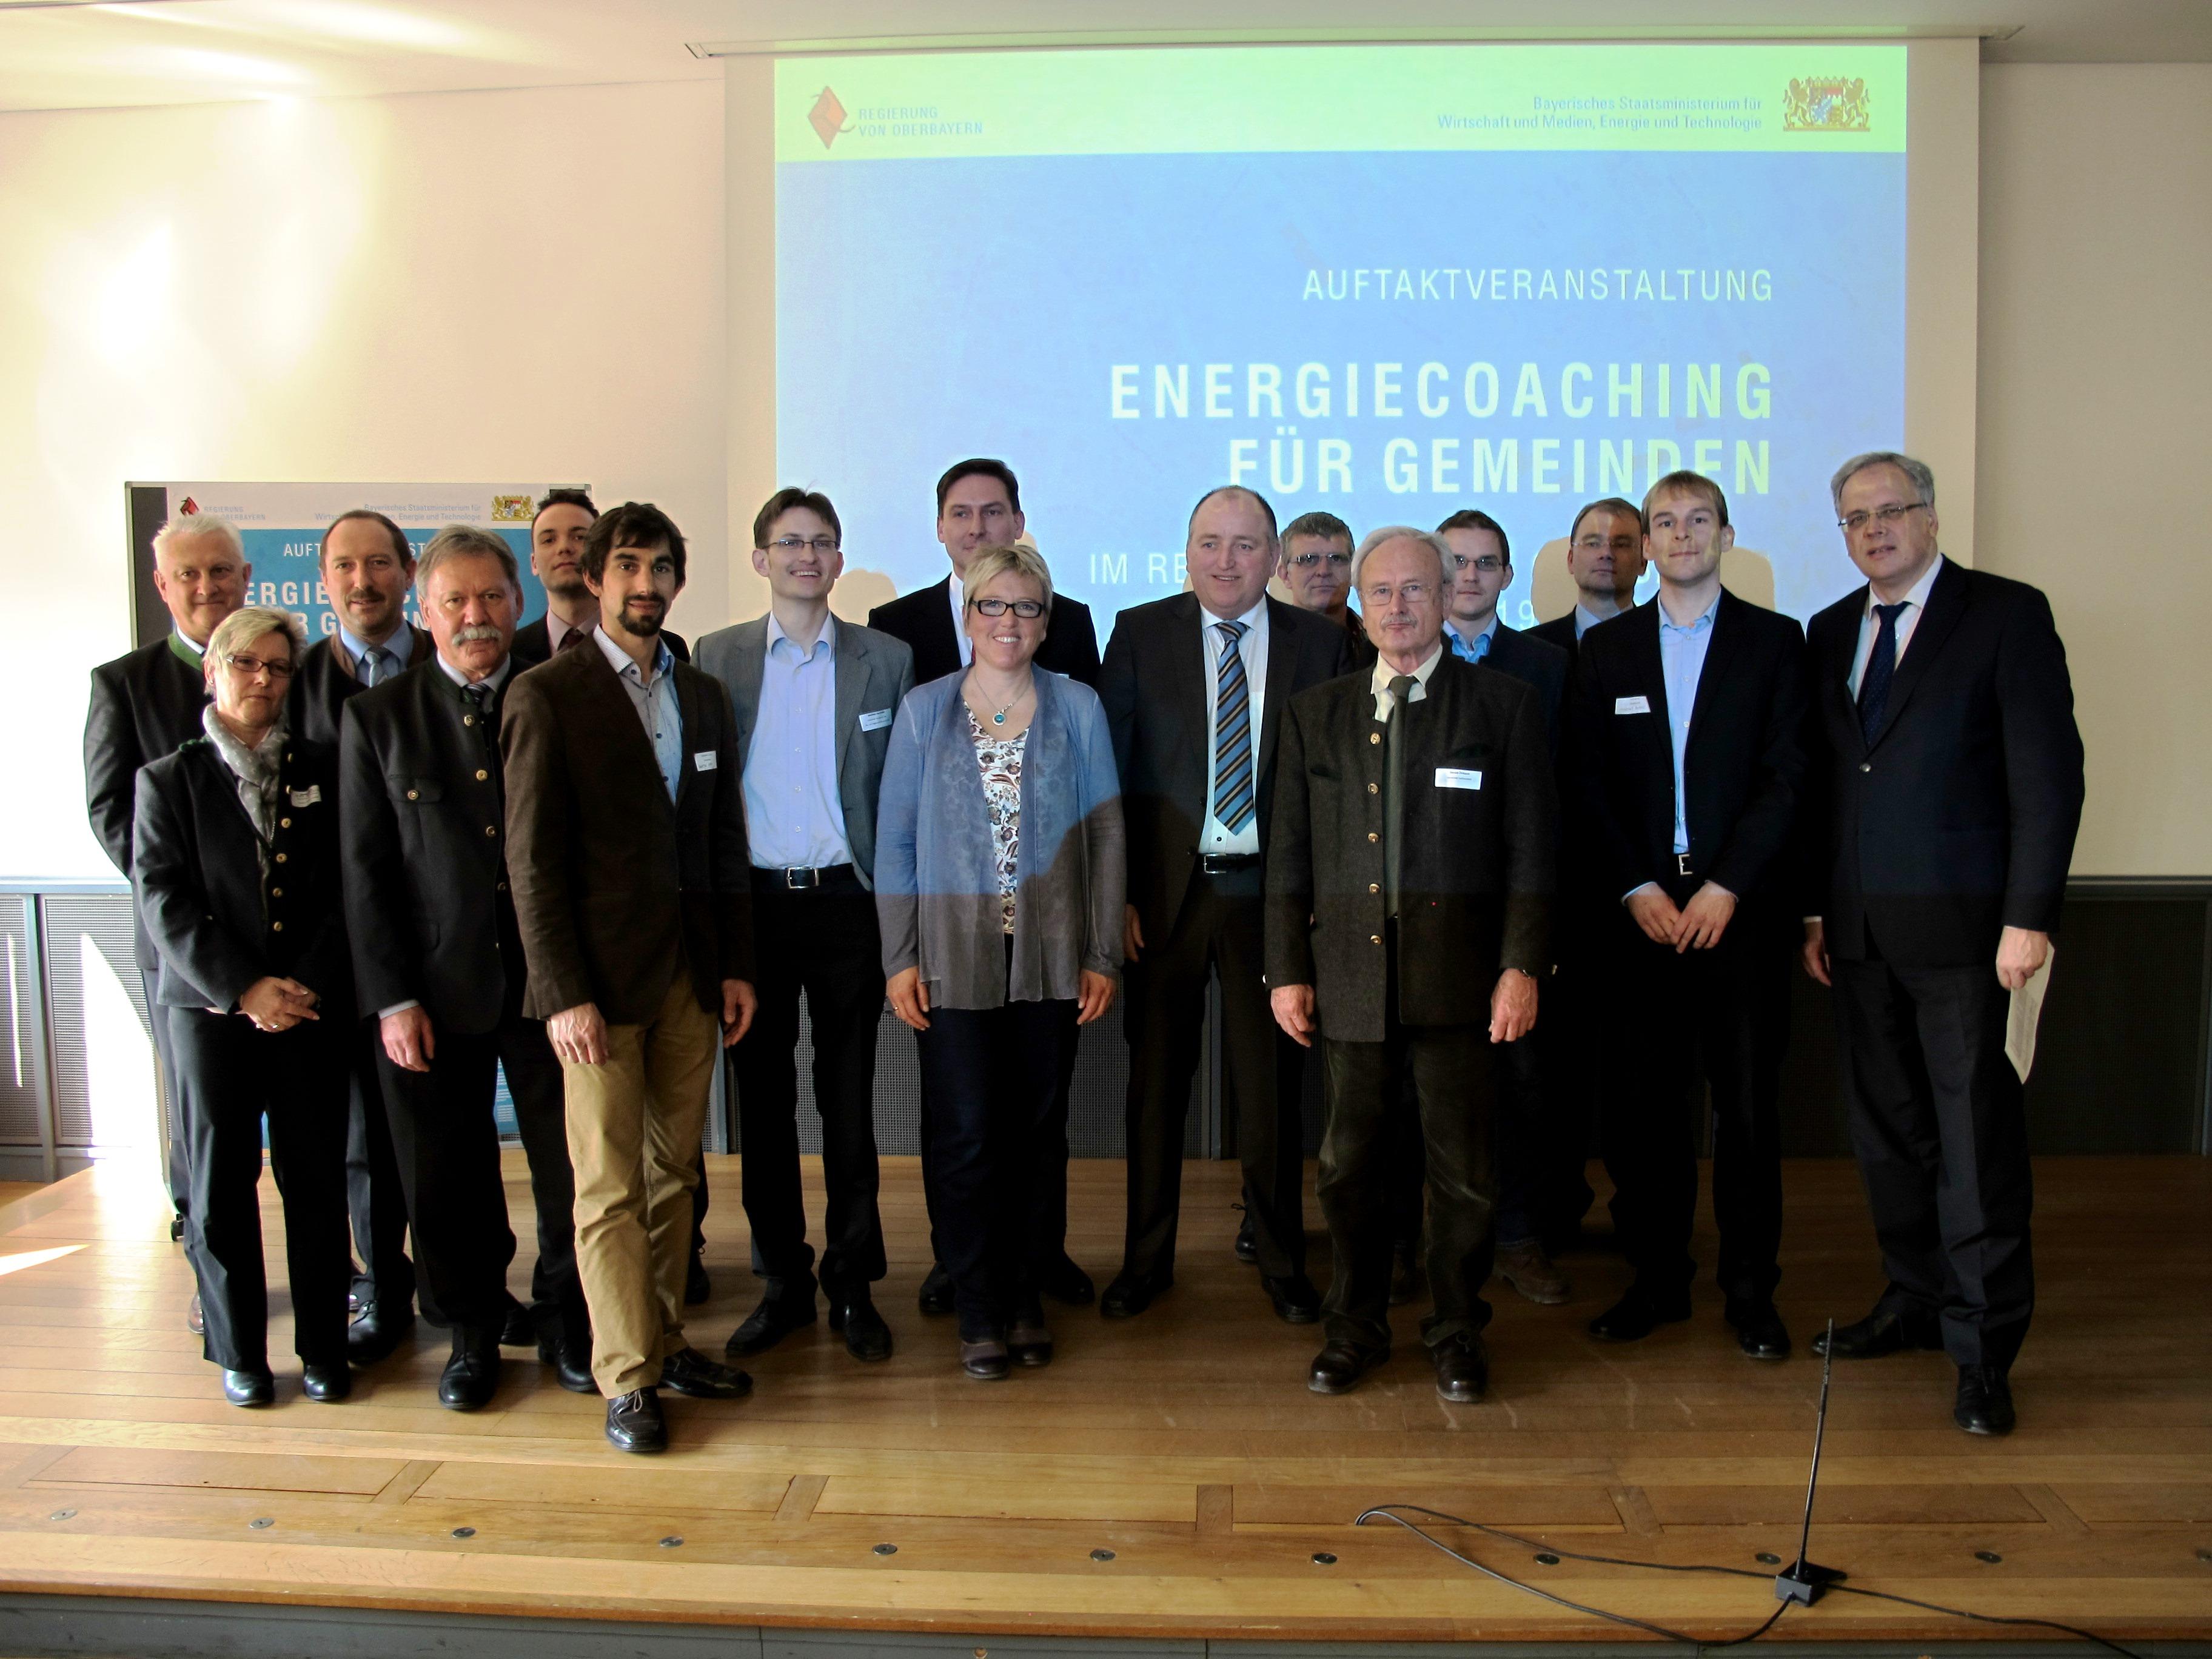 Auftaktveranstaltung zum Energiecoaching in Bad Tölz